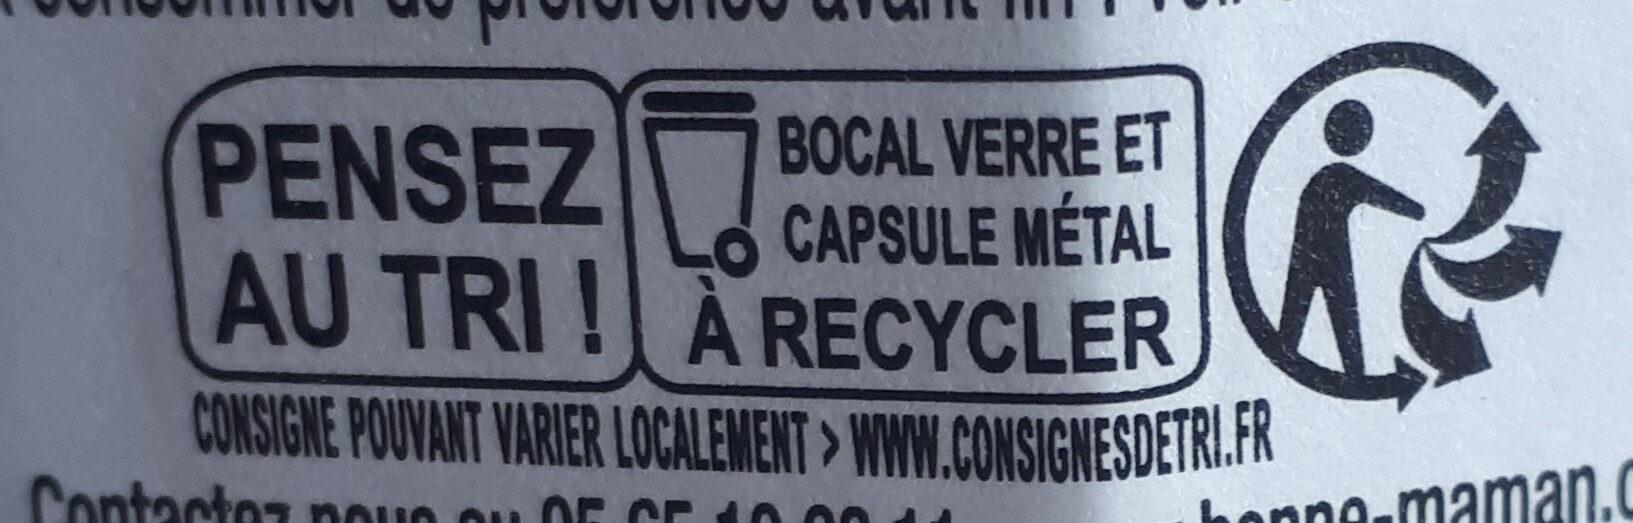 Confiture Framboises - Istruzioni per il riciclaggio e/o informazioni sull'imballaggio - fr